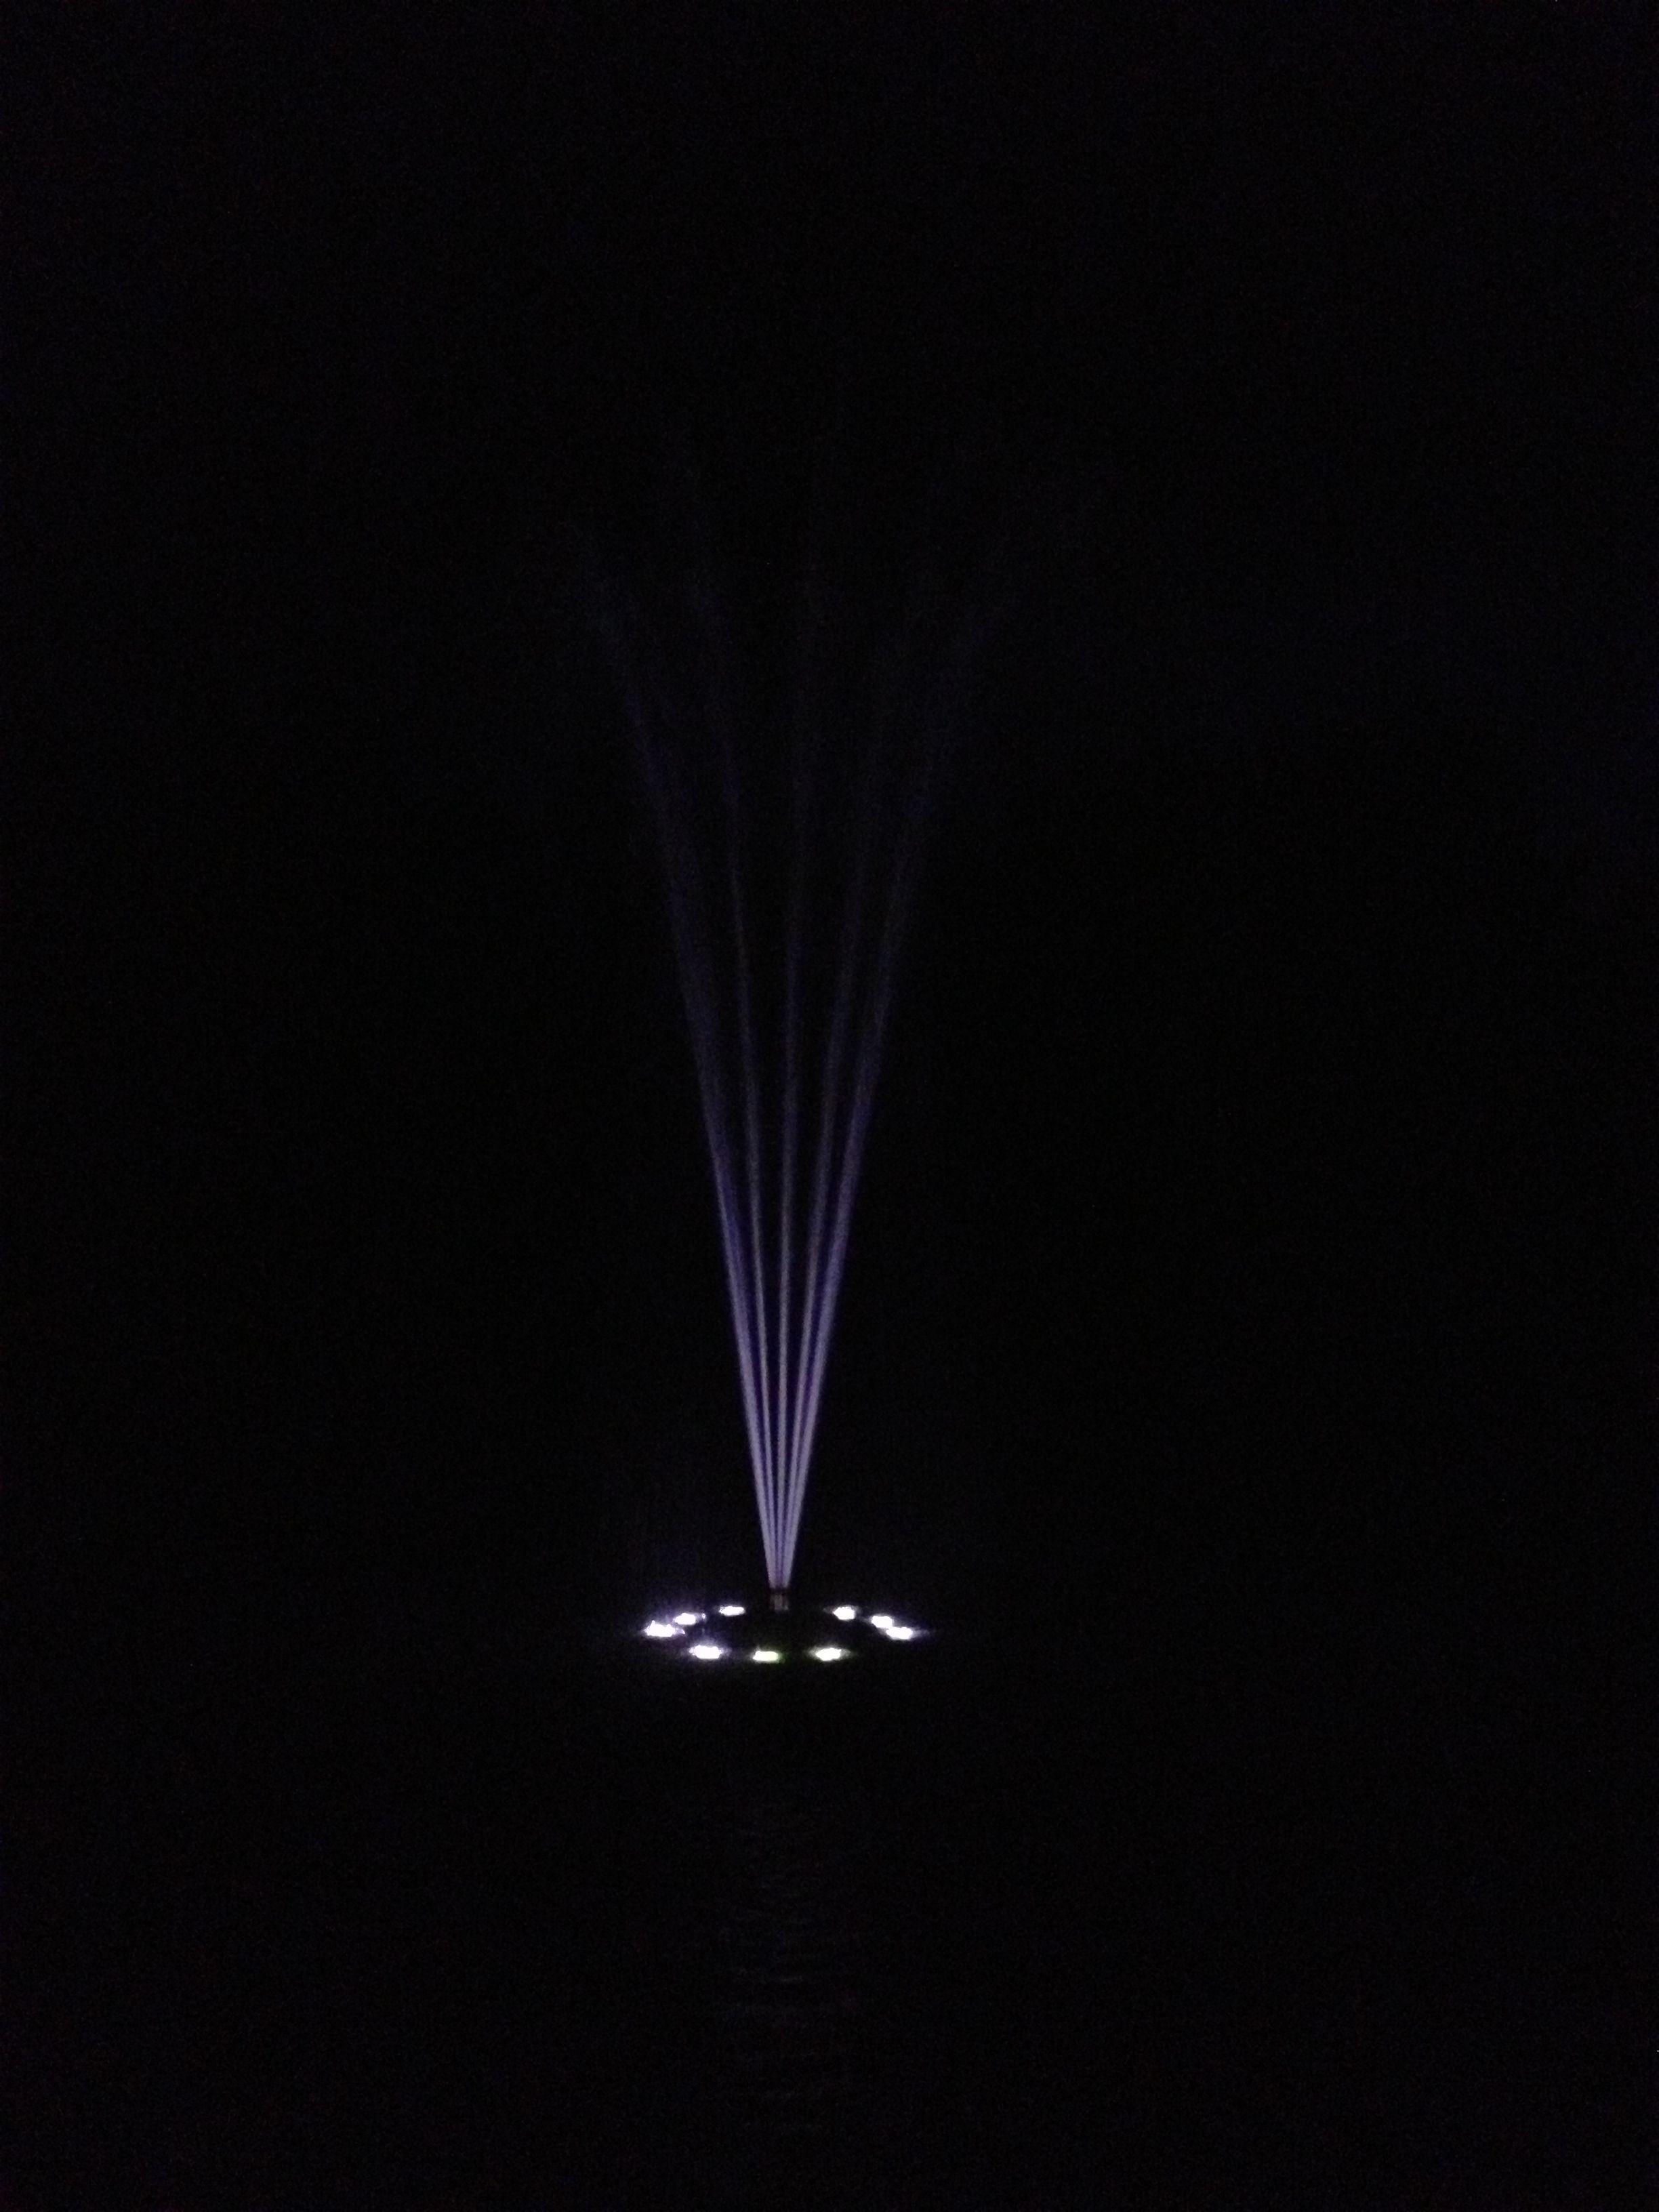 Wasserspiel Mit Beleuchtung. Die Schwimmende Einheit Treibt Sanft Auf Der  Wasseroberfläche Uns Zieht Mit Der Vulkanfontäne In Ihren Bann.